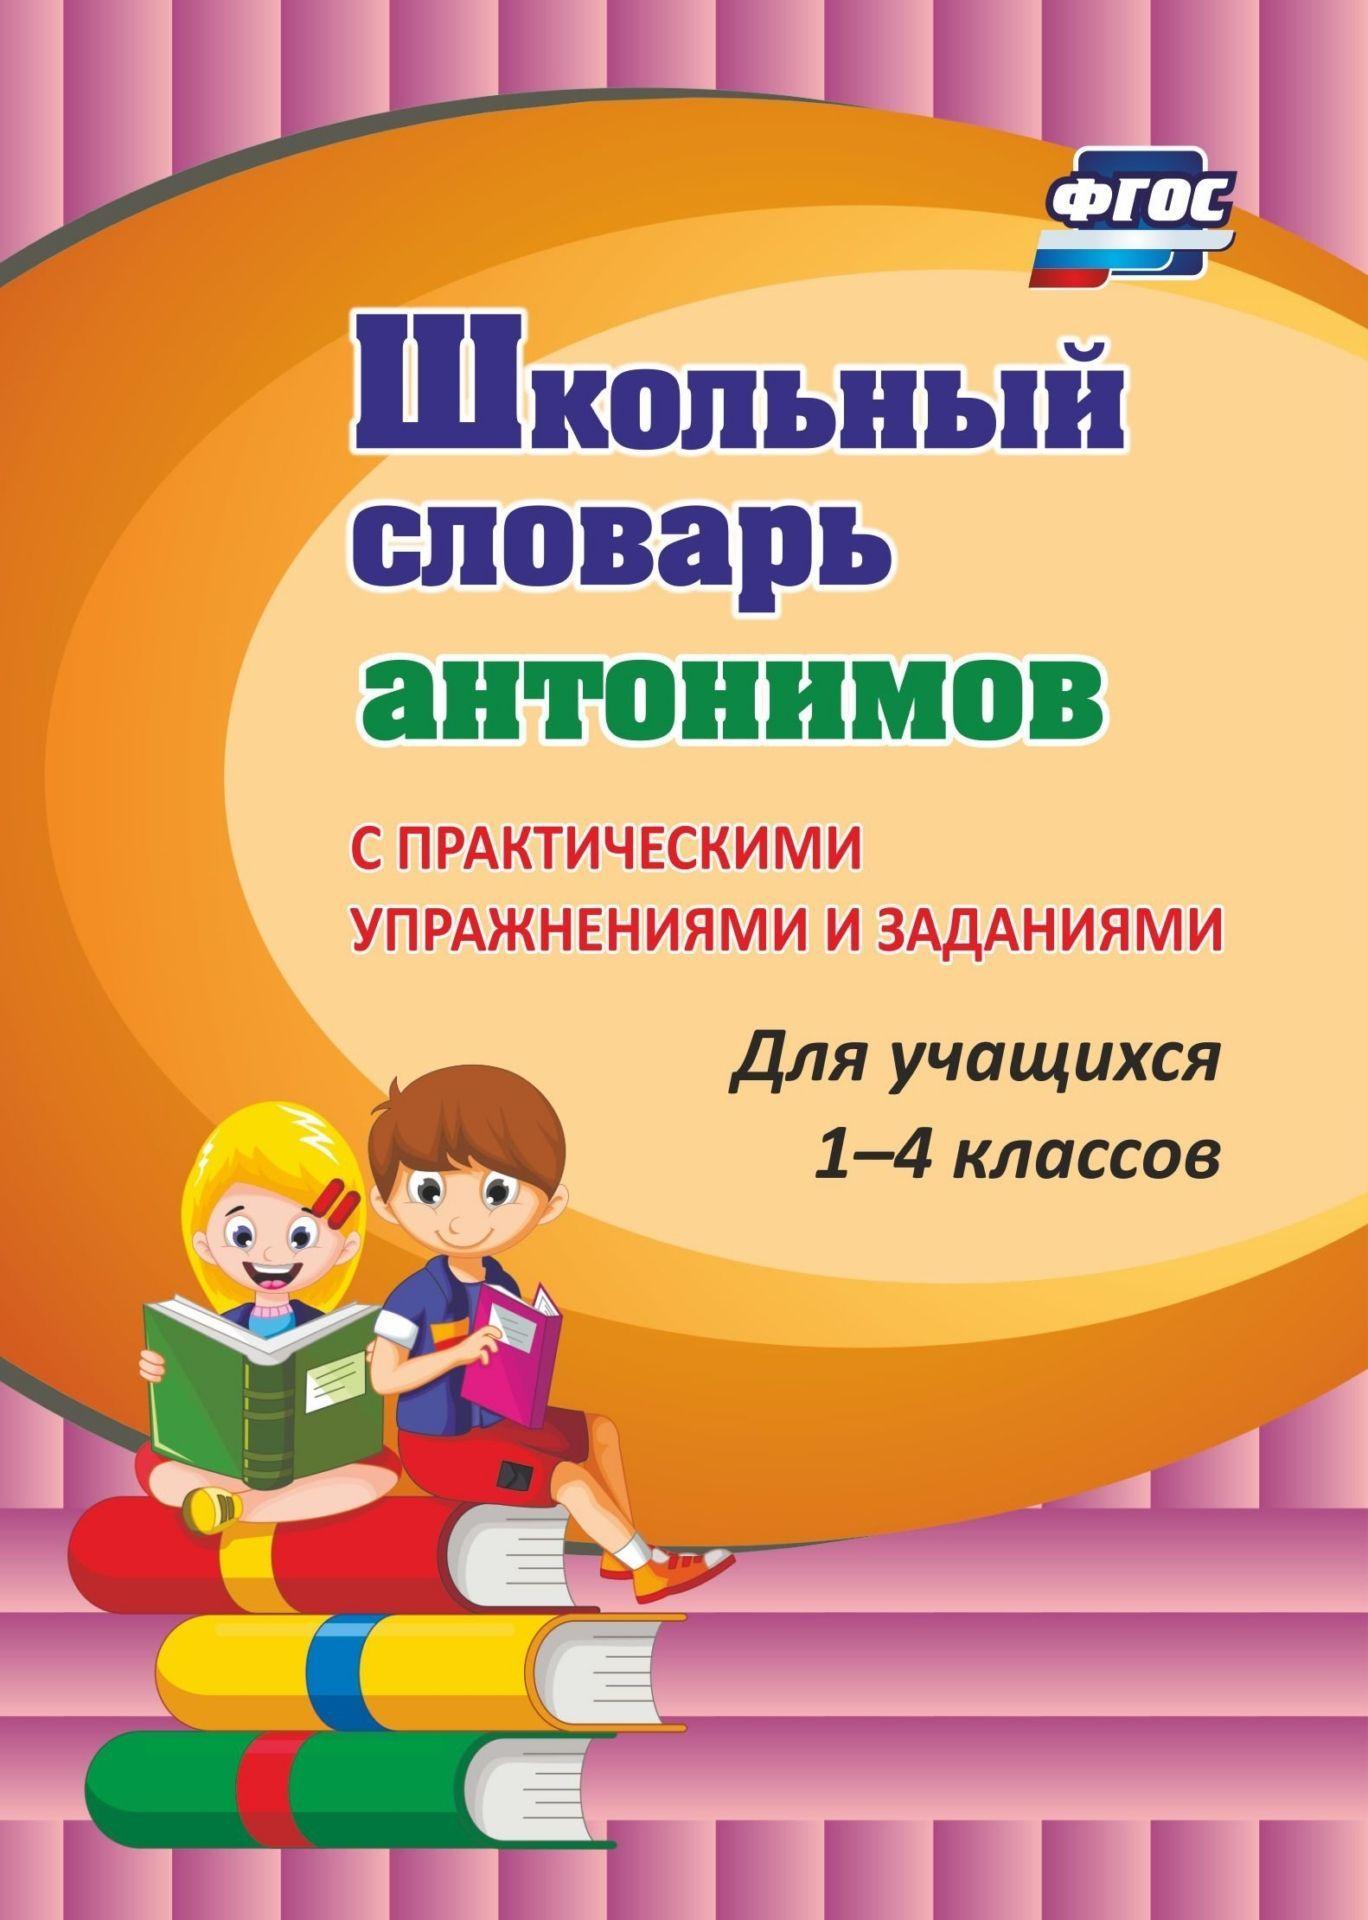 Школьный словарь антонимов. С практическими упражнениями и заданиями. Программа для установки через Интернет